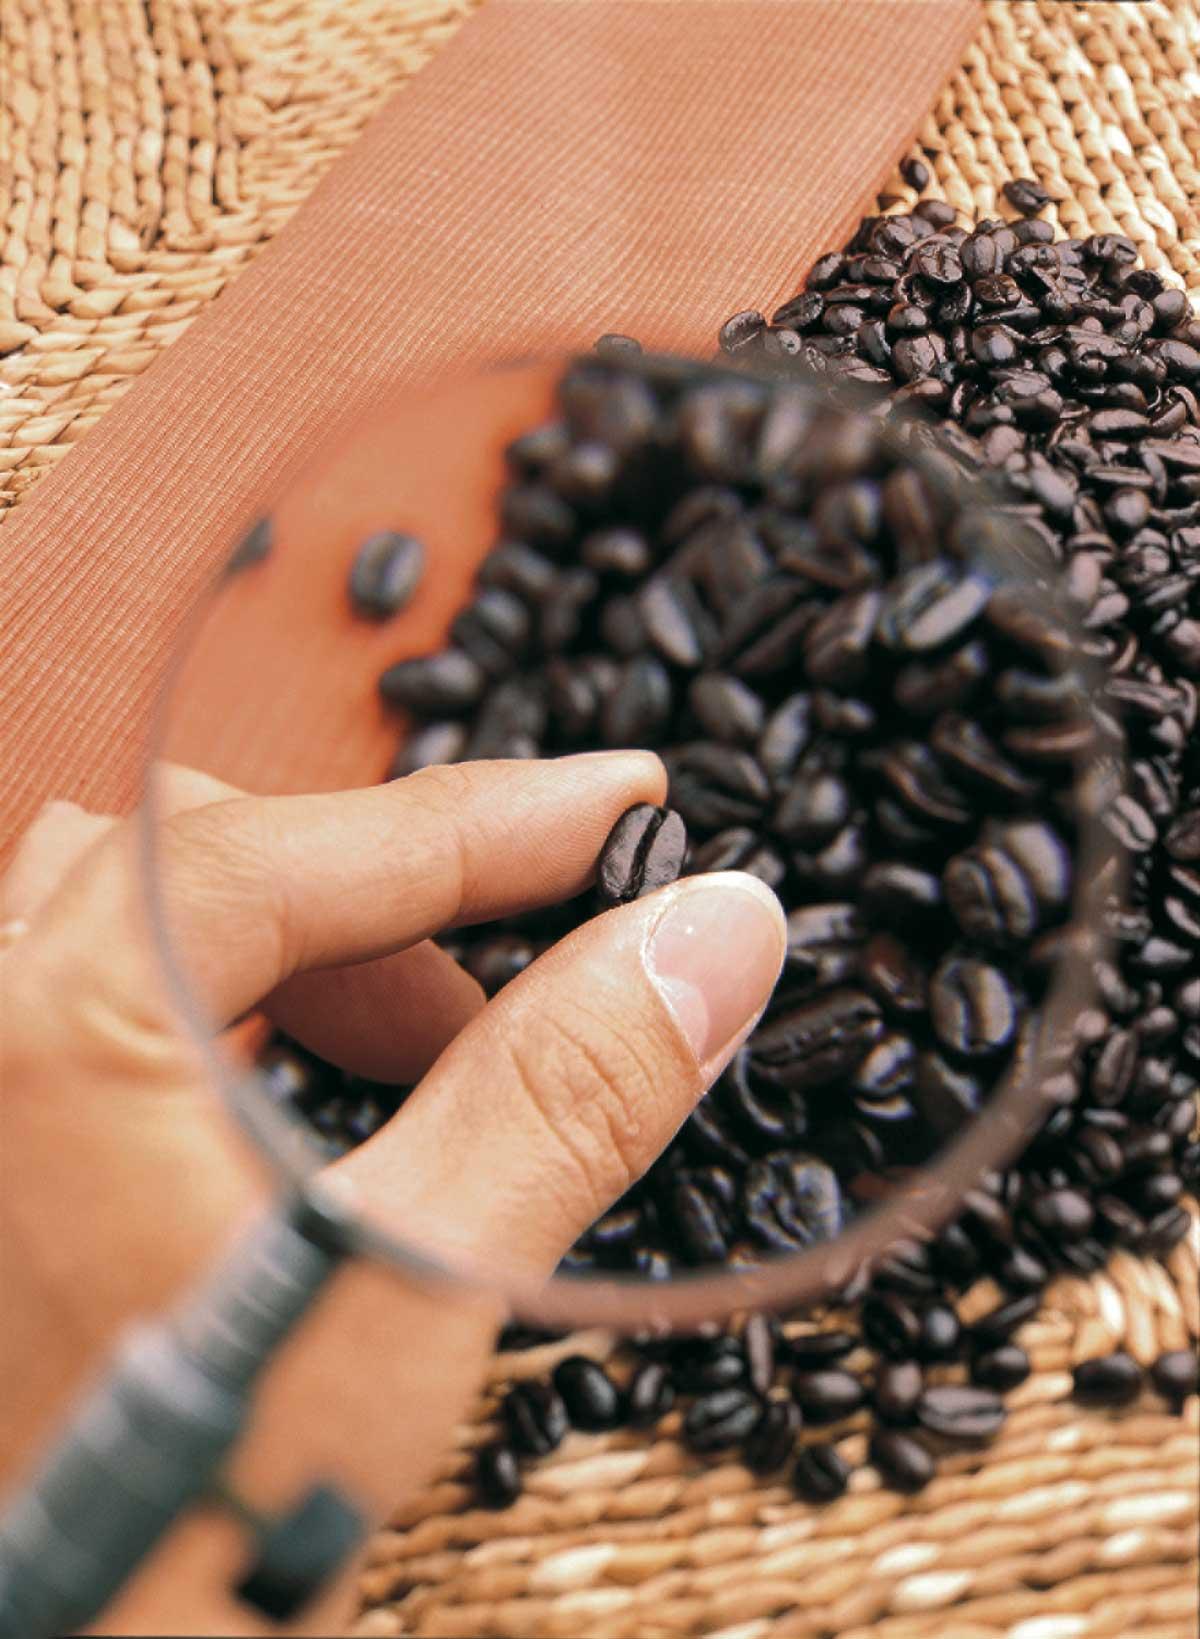 röstfrische kaffeebohnen mal unter die lupe genommen